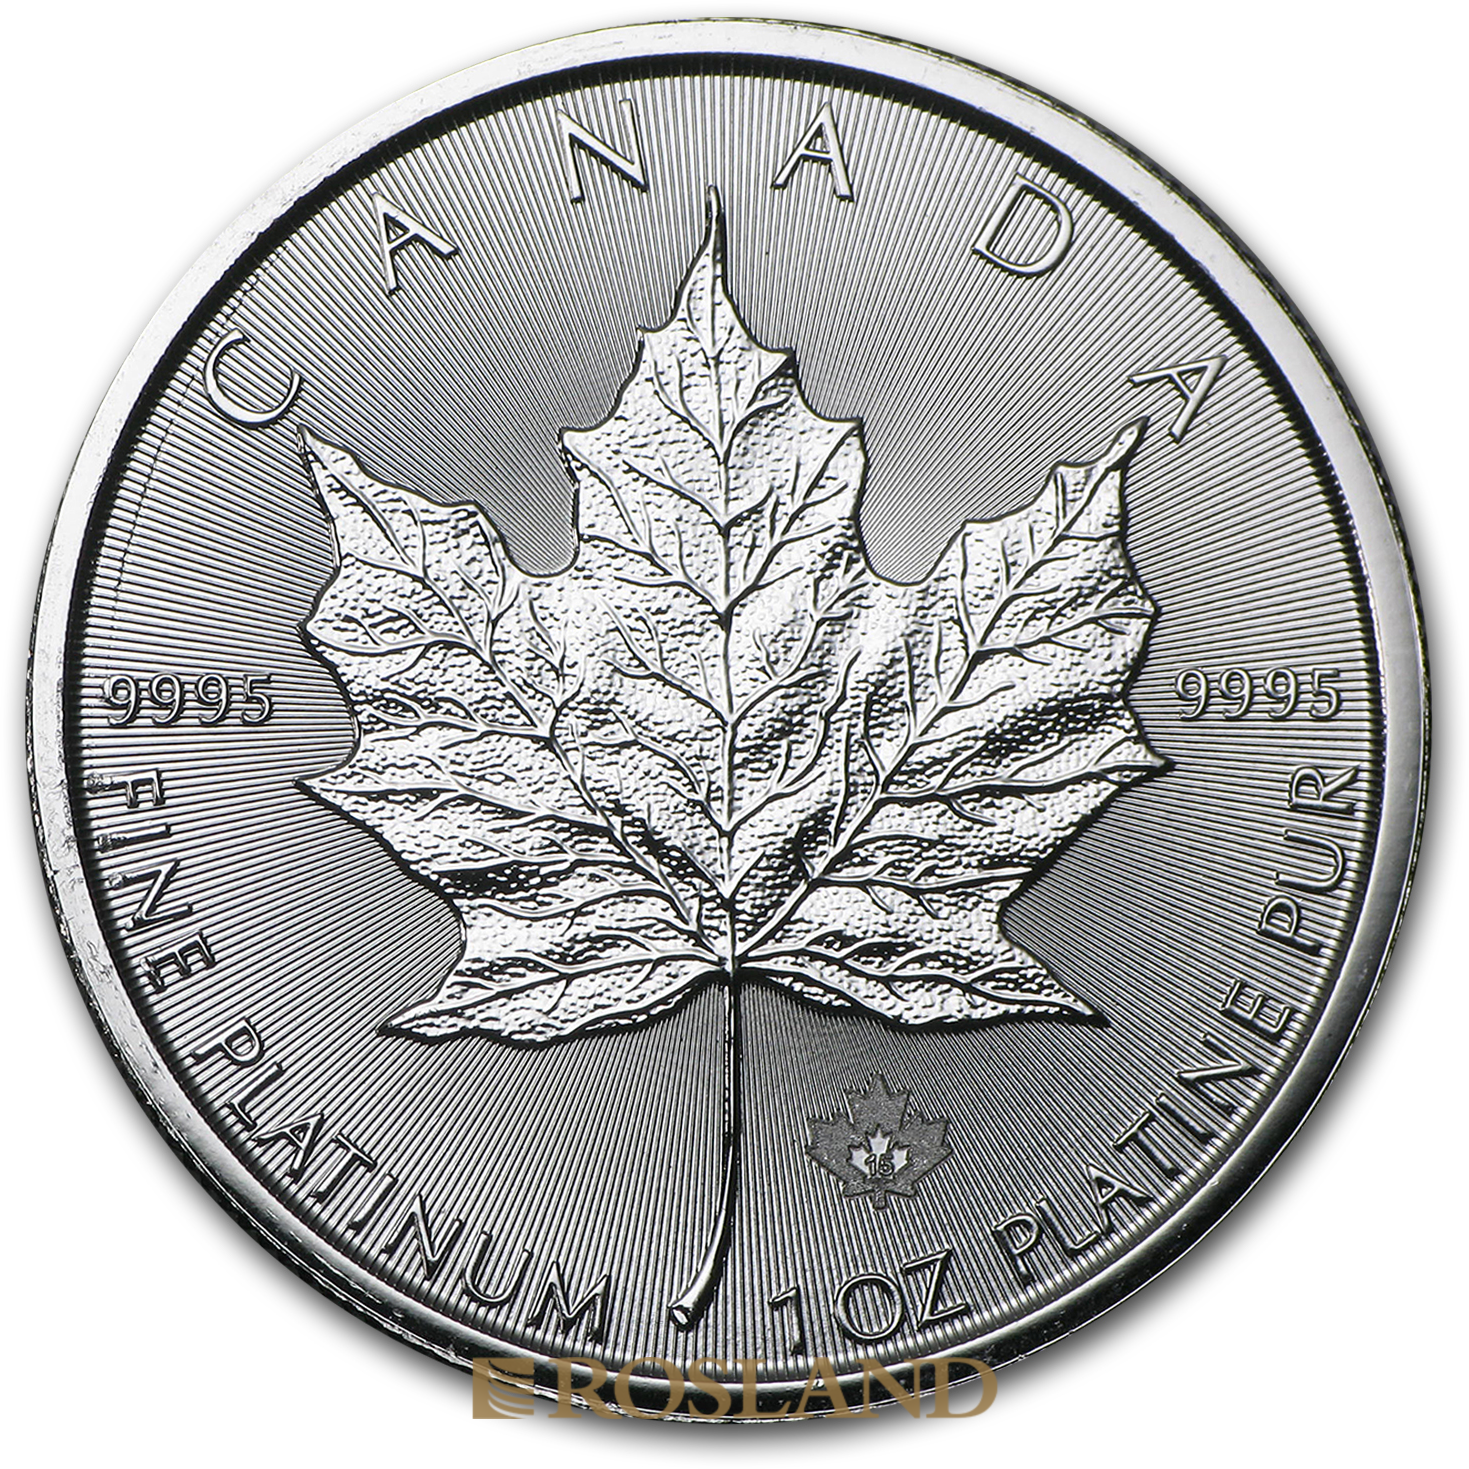 1 Unze Platinmünze Kanada Maple Leaf 2015